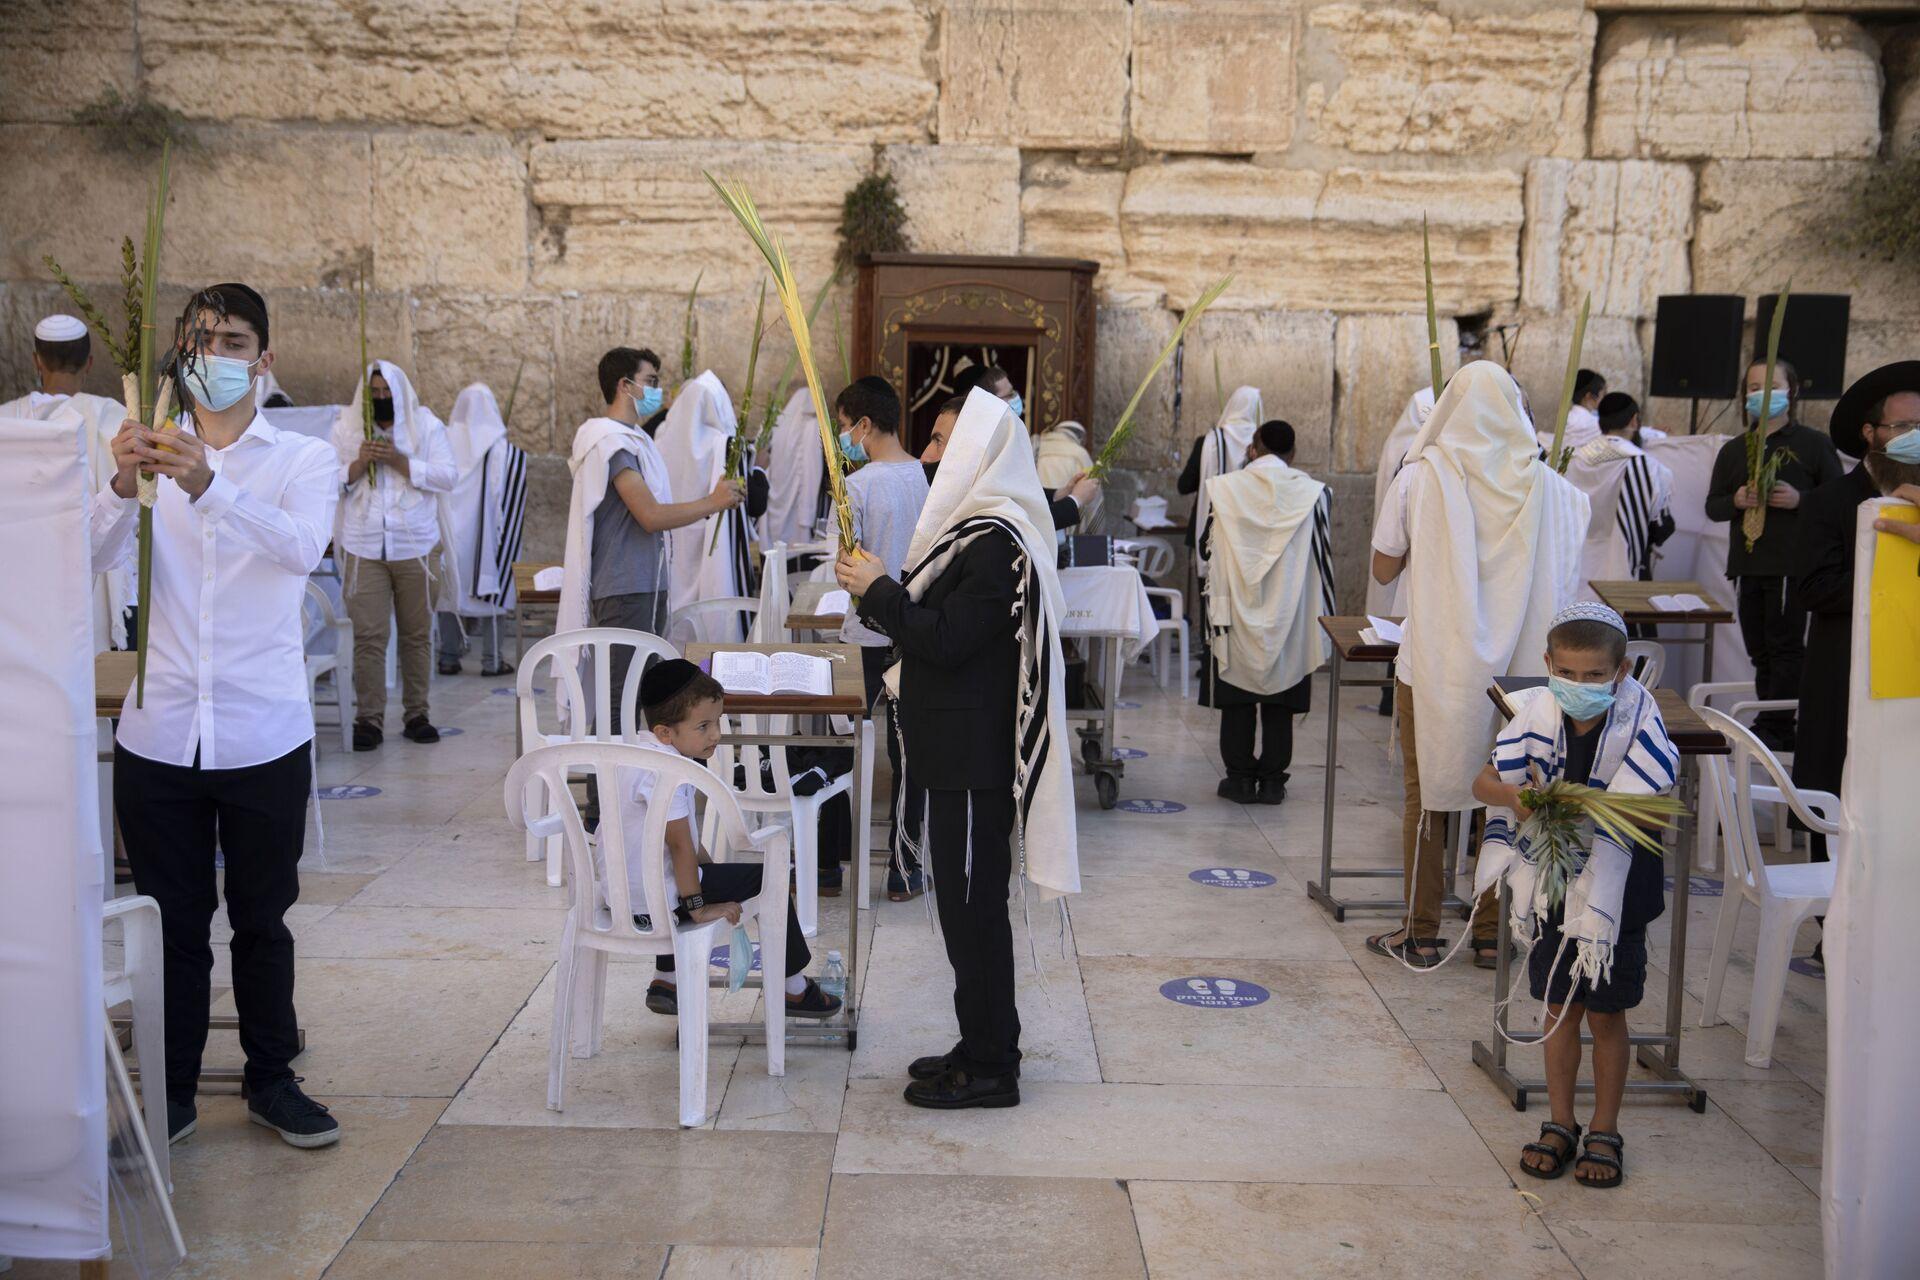 Пандемия COVID-19. Верующие евреи в масках во время праздника Суккот, старый город. Иерусалим, Израиль - Sputnik Грузия, 1920, 19.09.2021